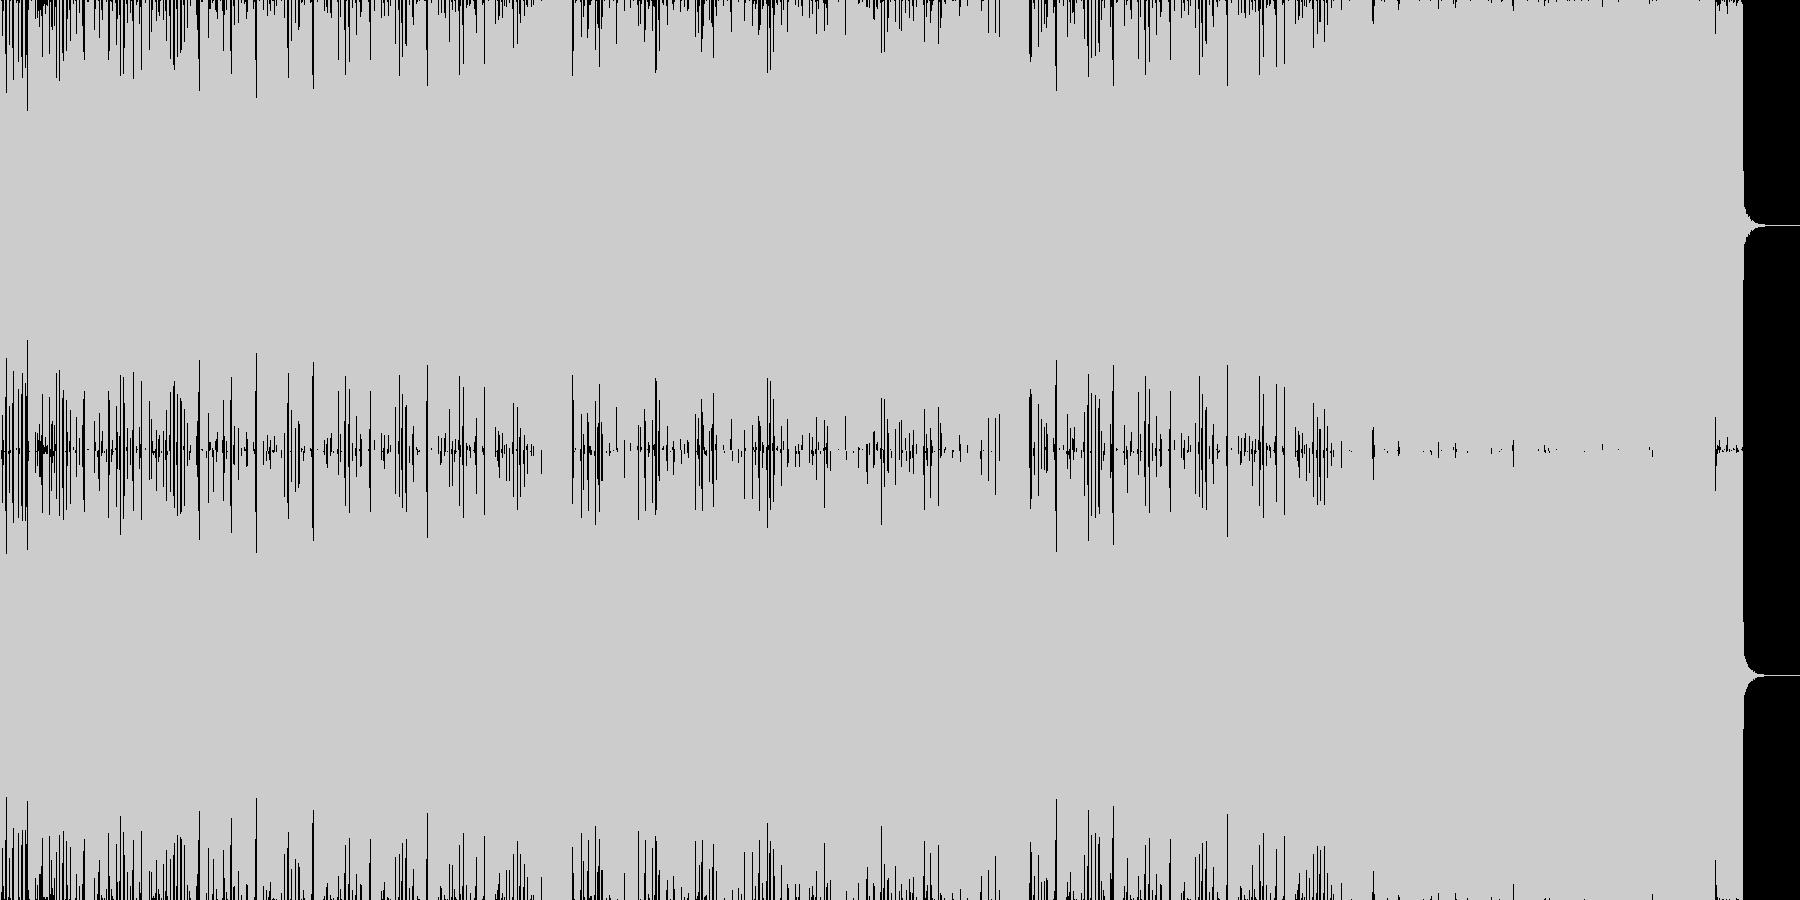 ユーロなハウスミュージックの未再生の波形